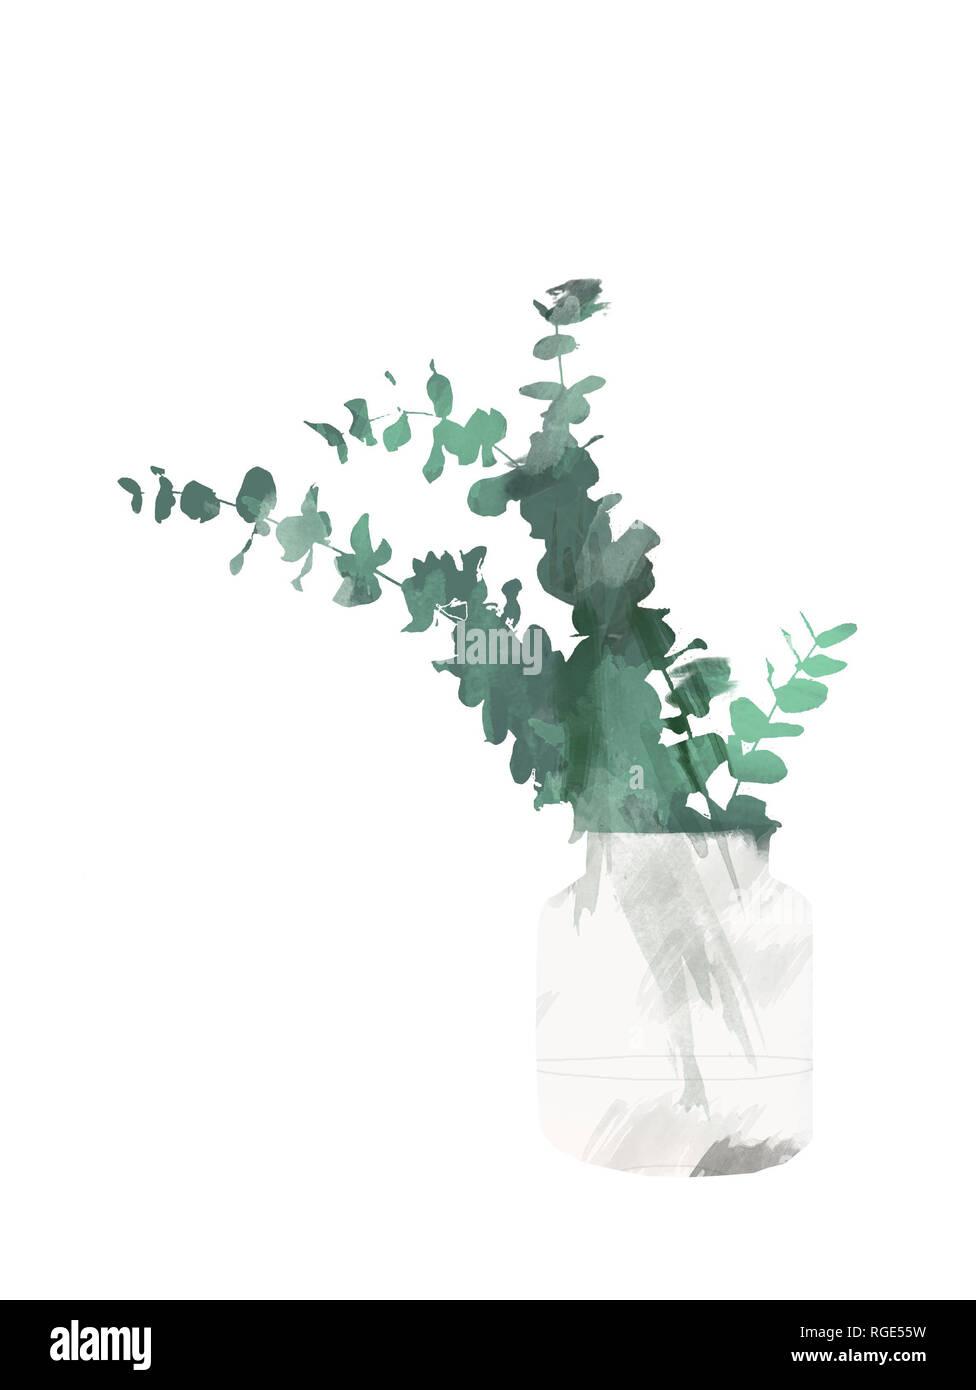 Dipinto a mano eucalipto in bottiglia o vaso isolato su sfondo bianco. Botanico floreali clip art per la progettazione o la stampa - Illustrazione acquerello Immagini Stock